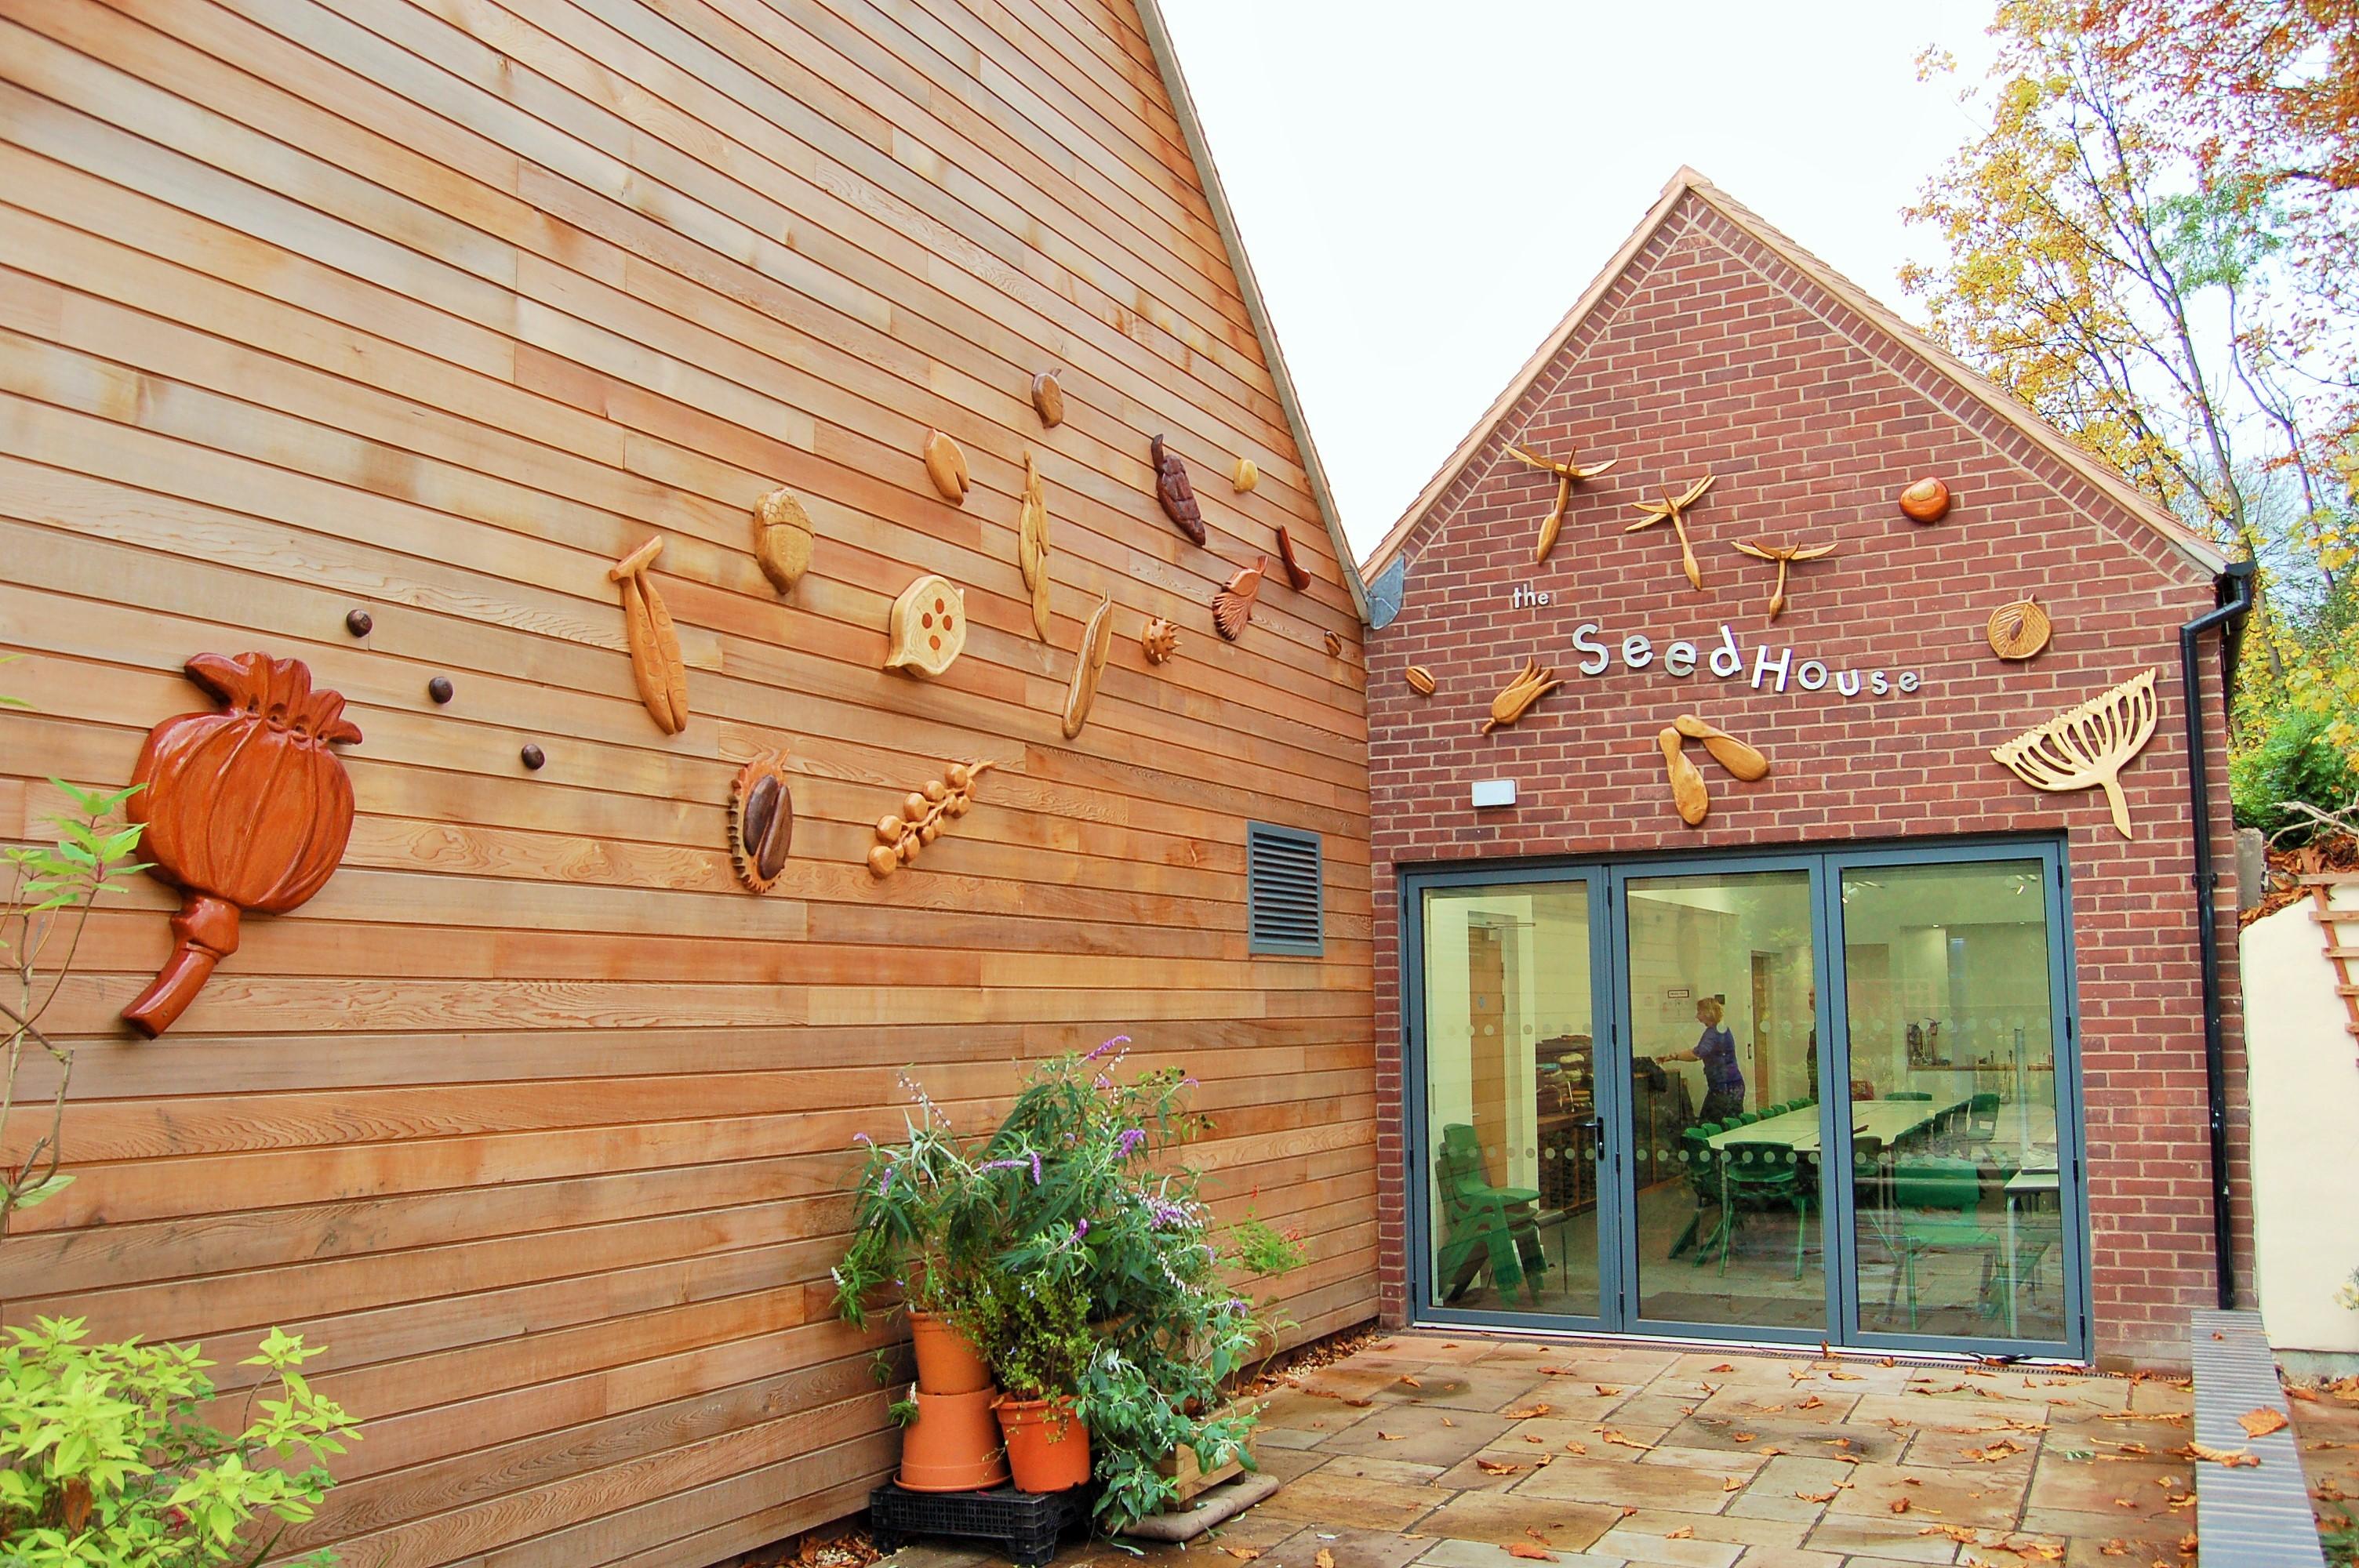 Walsall Arboretum Seedhouse (4)